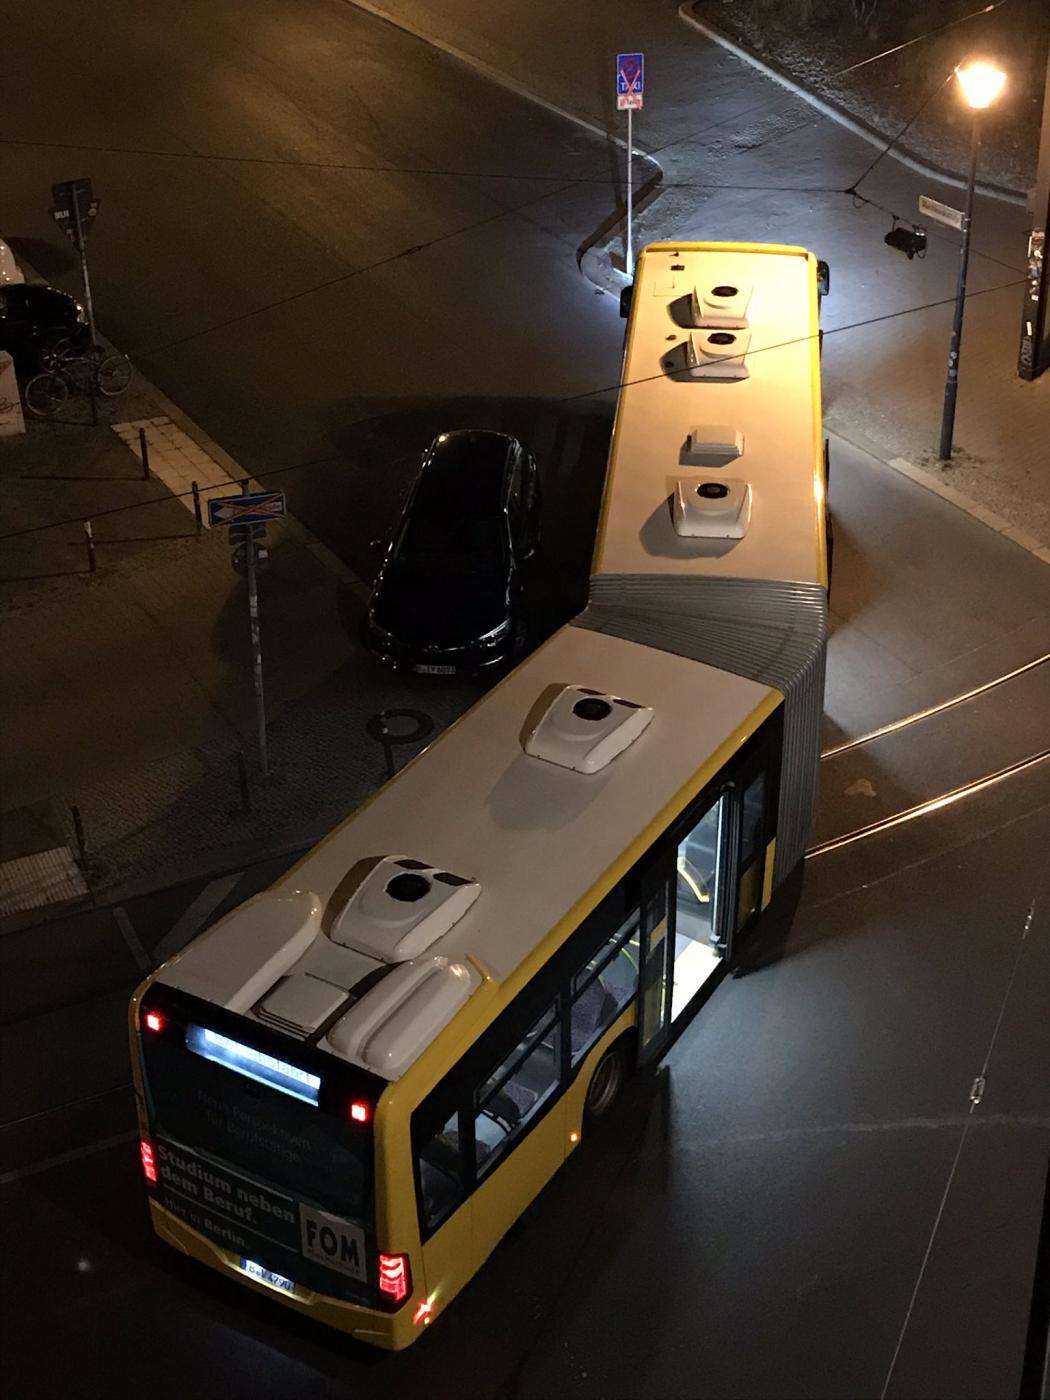 Genial parken geht anders - die BVG steckt fest...